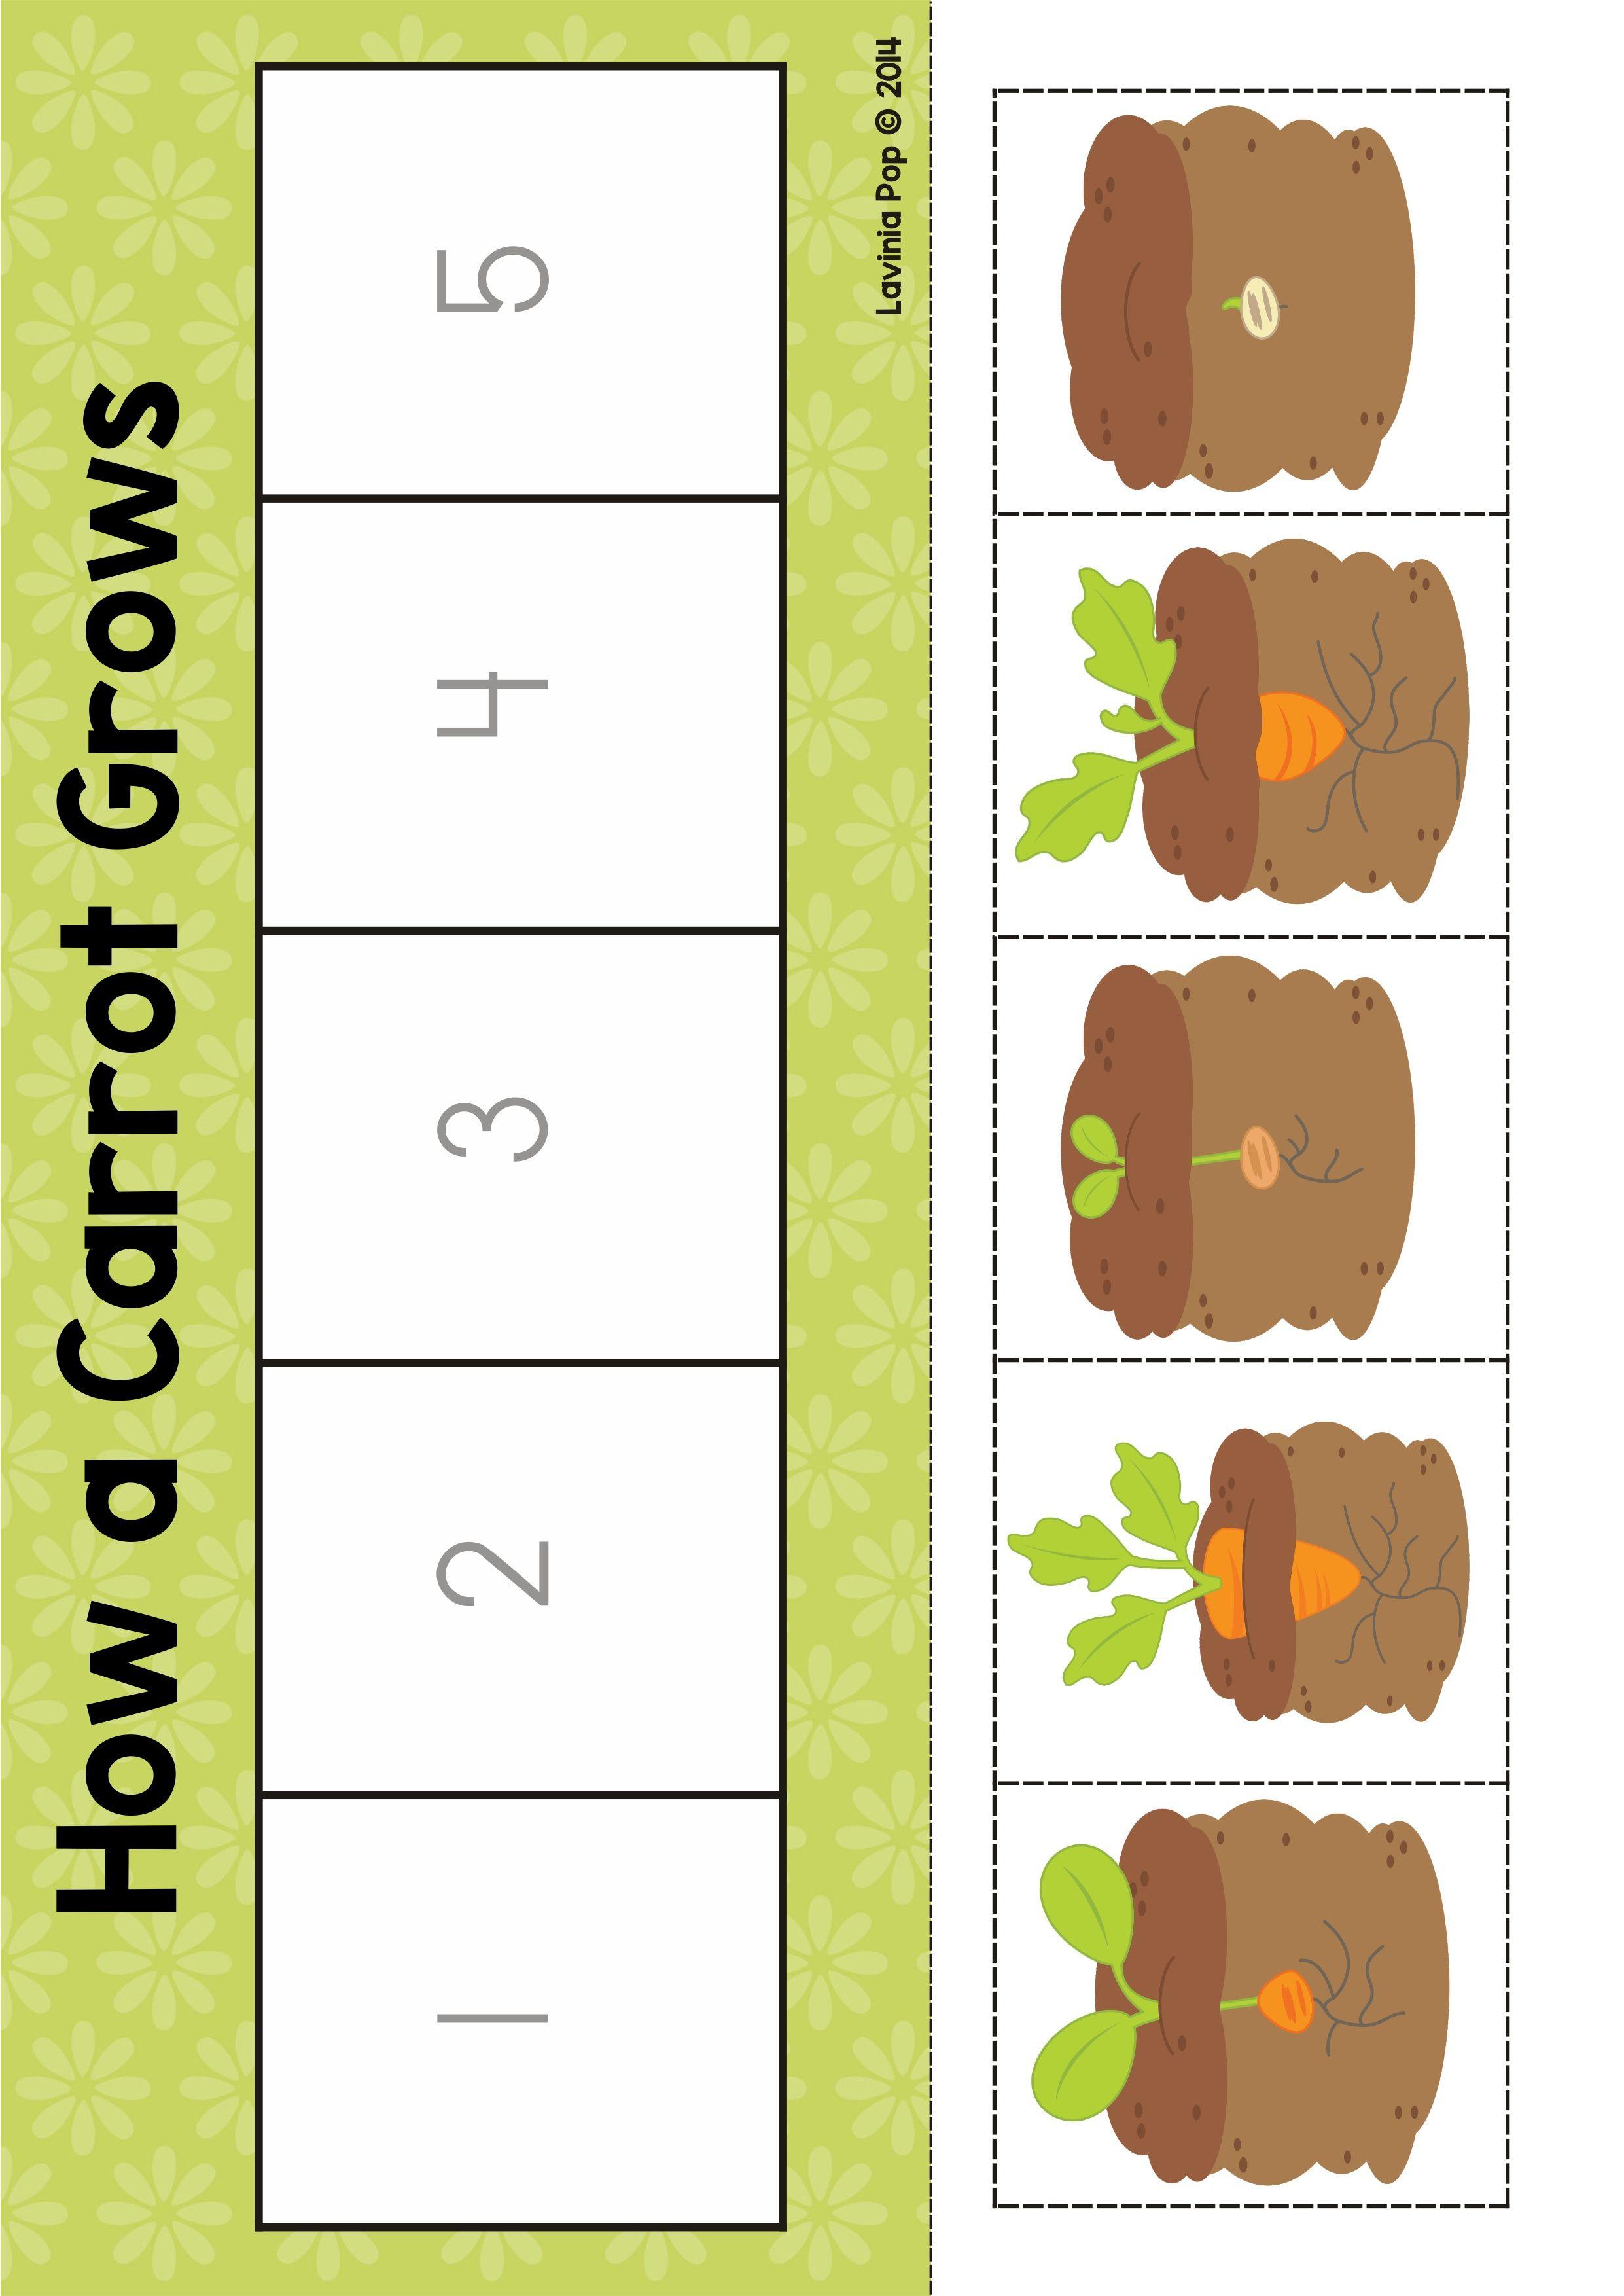 Spring Math Centers For Kindergarten Sequencing Activities Kindergarten Sequencing Activities Spring Math Center [ 3508 x 2482 Pixel ]